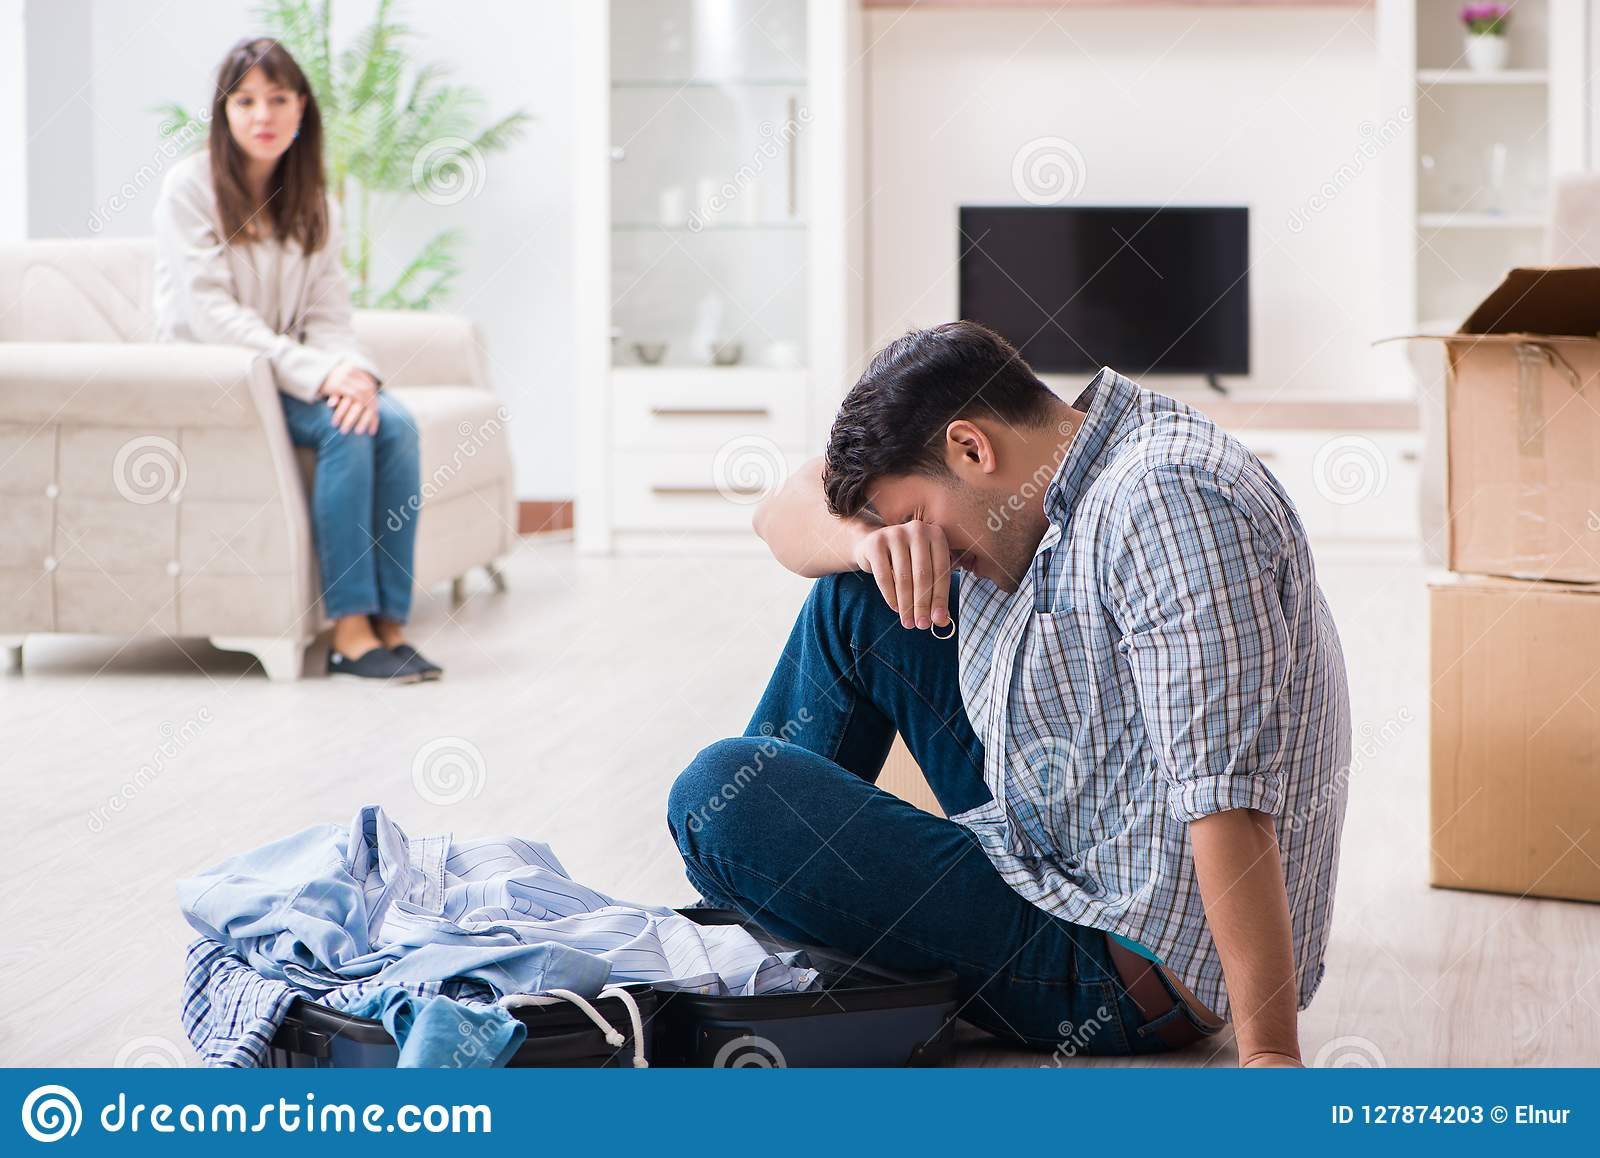 La donna che espelle uomo dalla casa durante il conflitto della famiglia